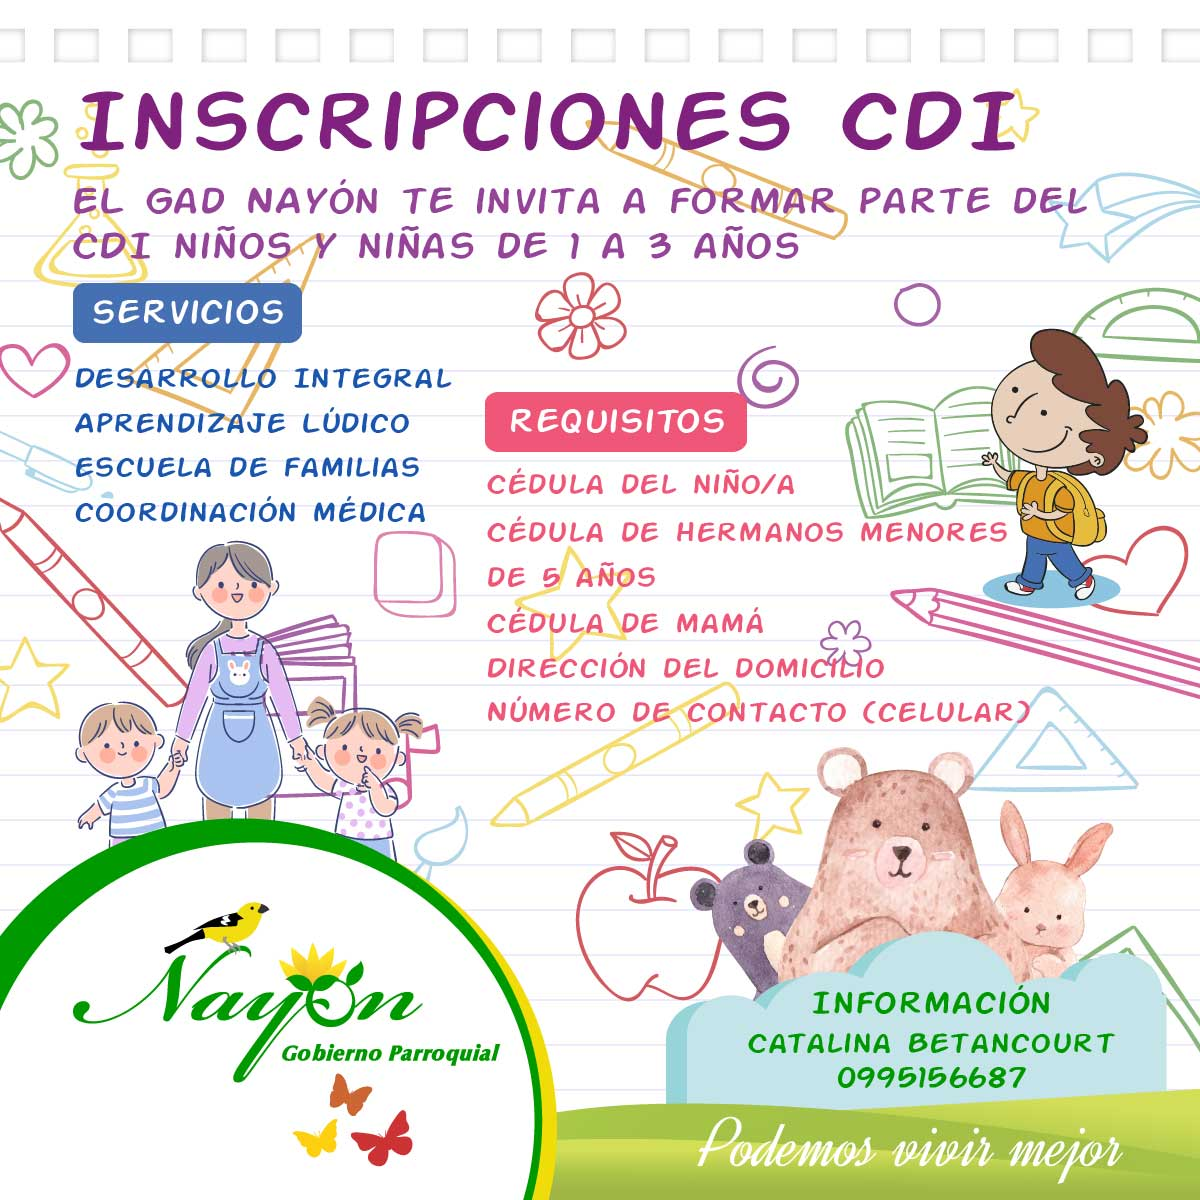 Inscripciones Abierta CDI